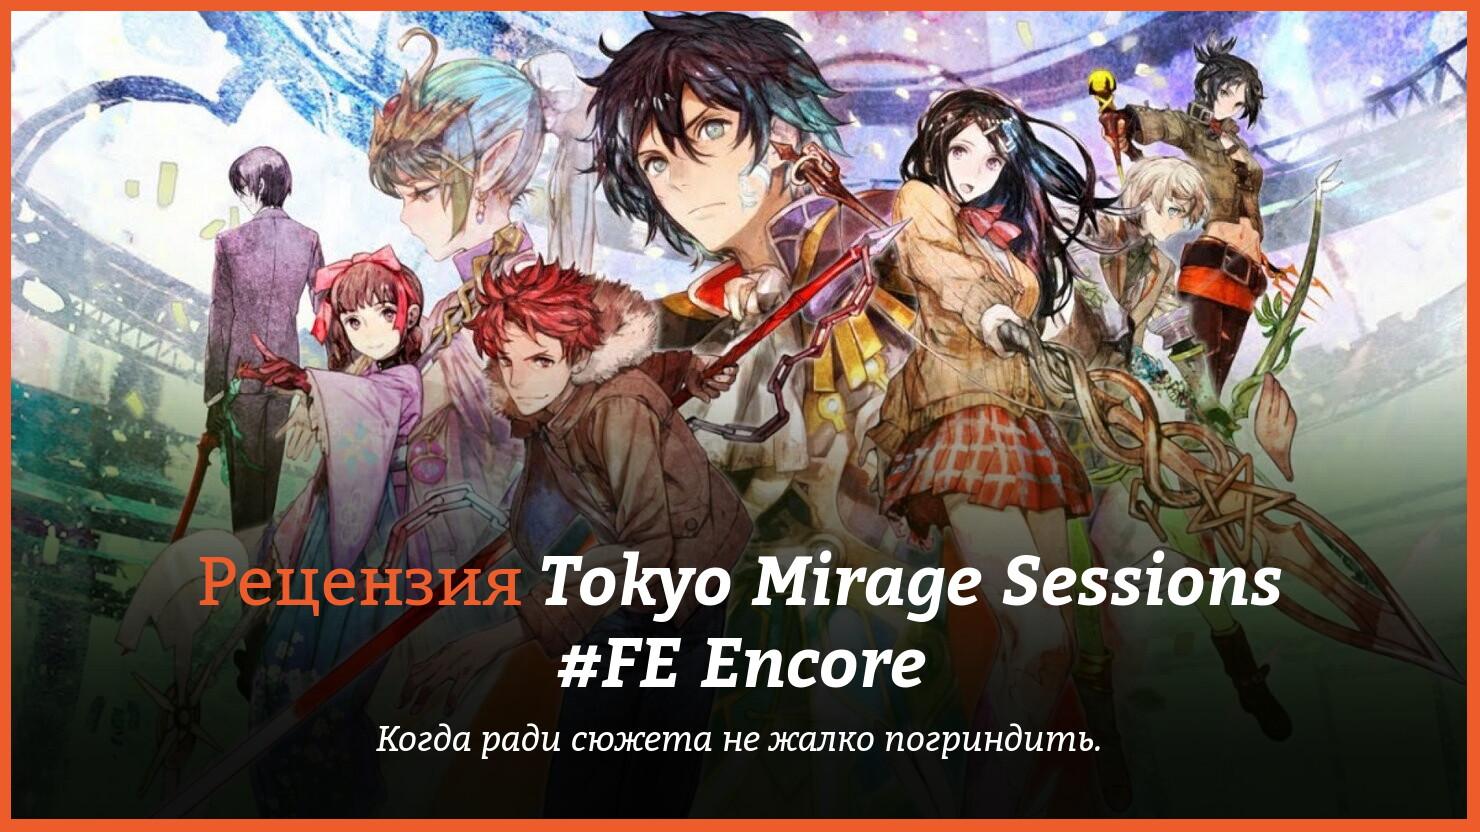 tokyomiragesessionsfeencore_splash_5876.